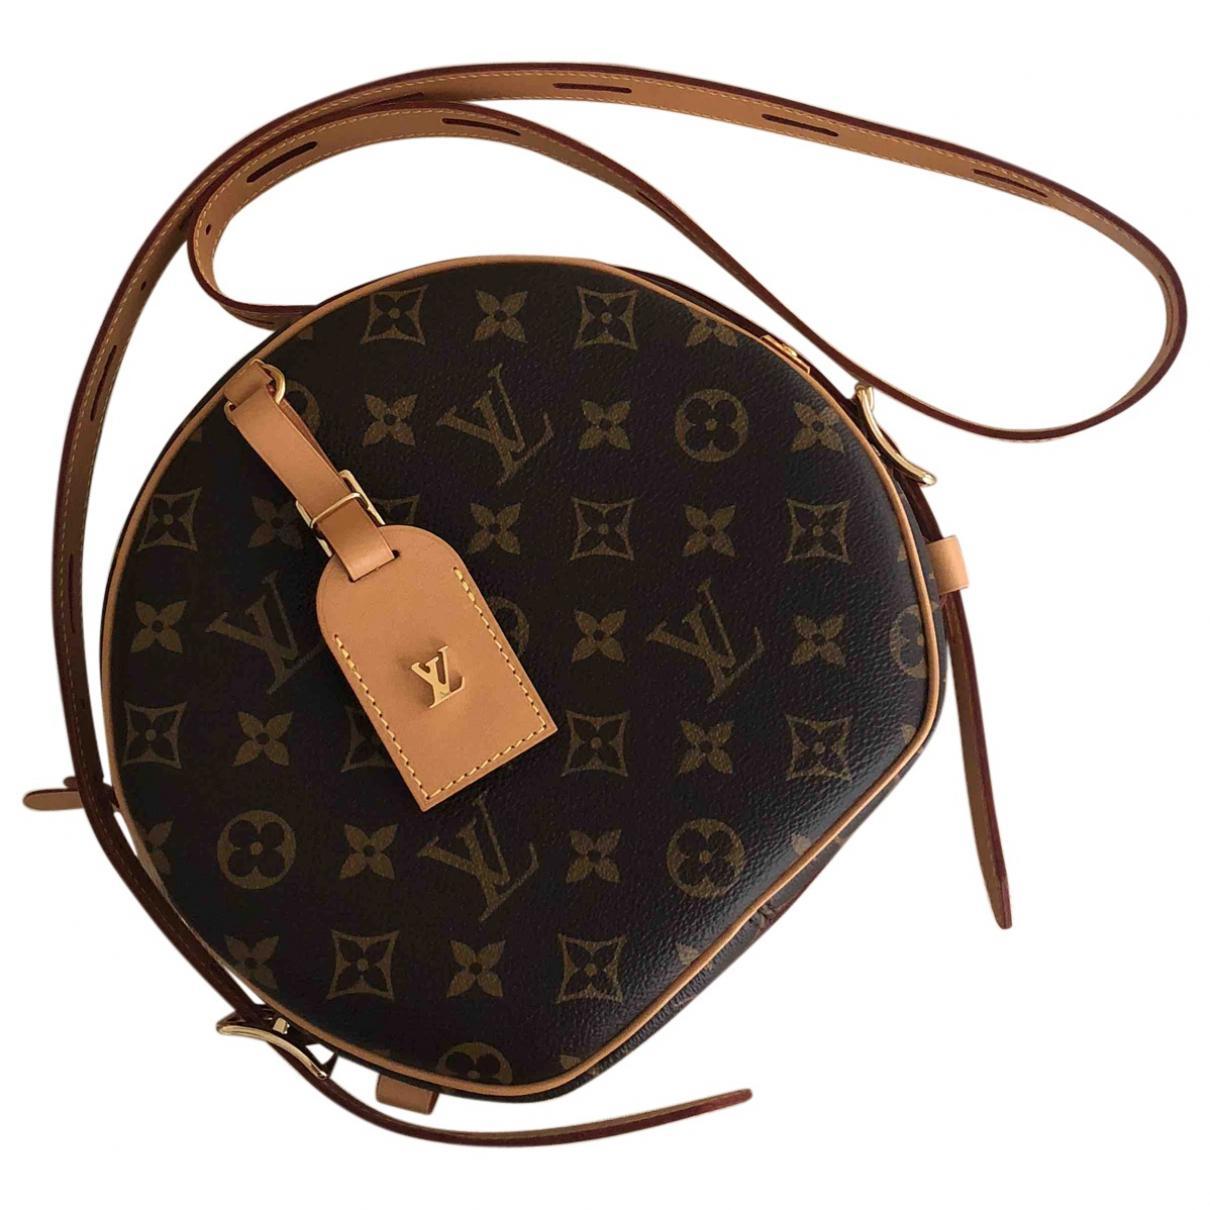 plus grand choix marques reconnues liquidation à chaud Sac bandoulière Boîte chapeau souple en toile Louis Vuitton en coloris Black